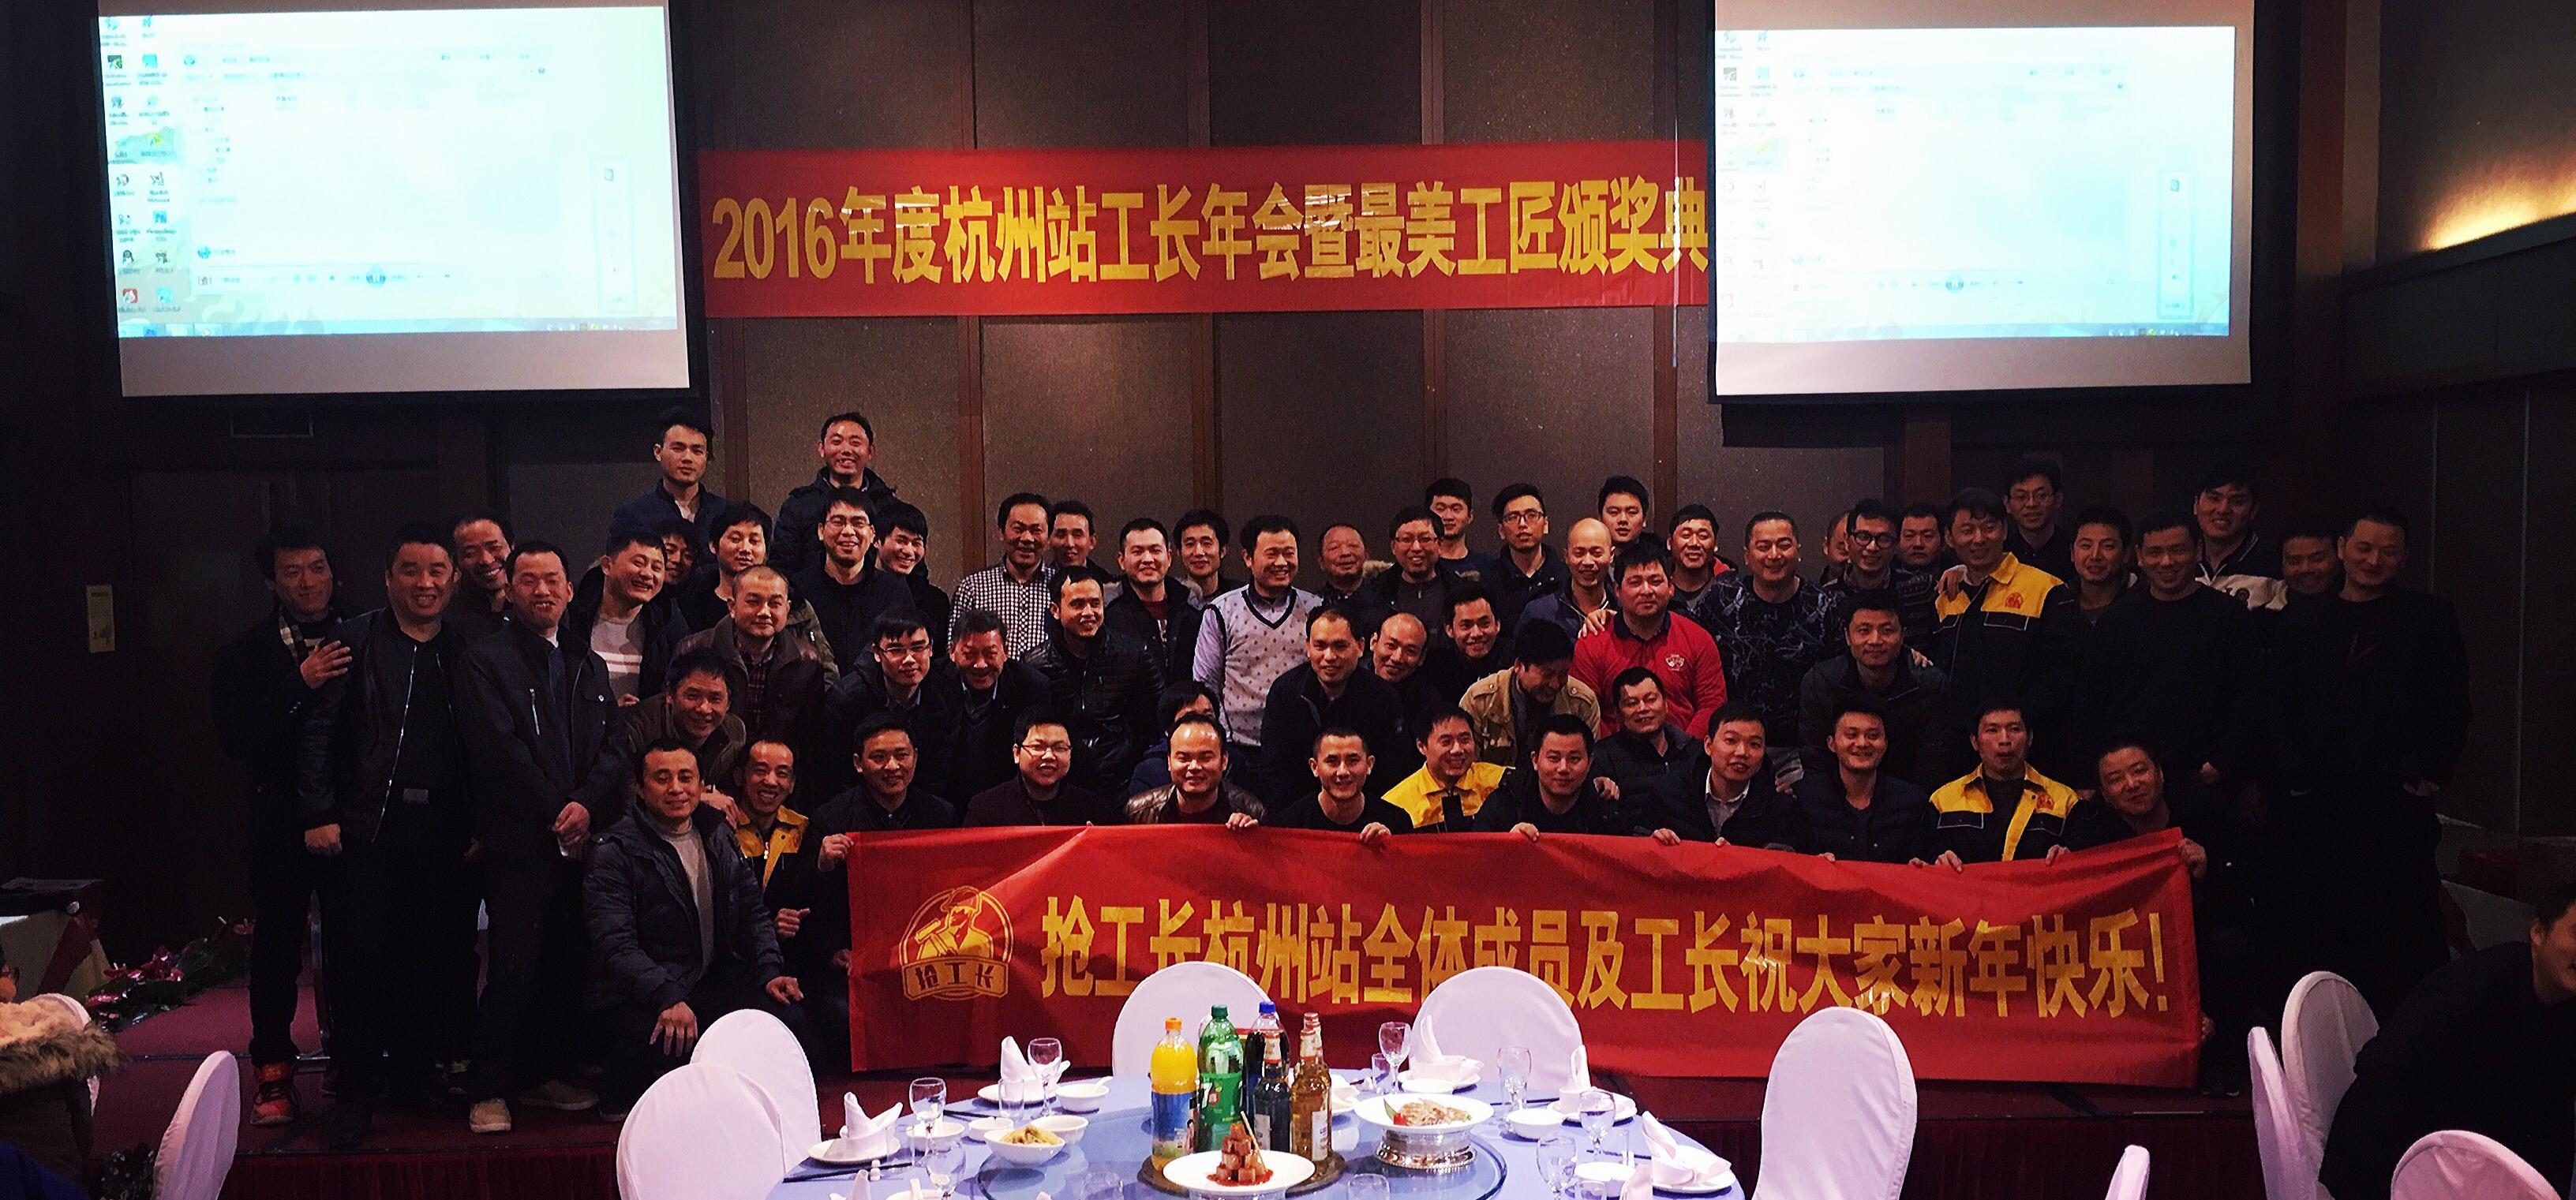 新浪装修 抢工长杭州公司工长年会暨十大最美工匠颁奖典礼